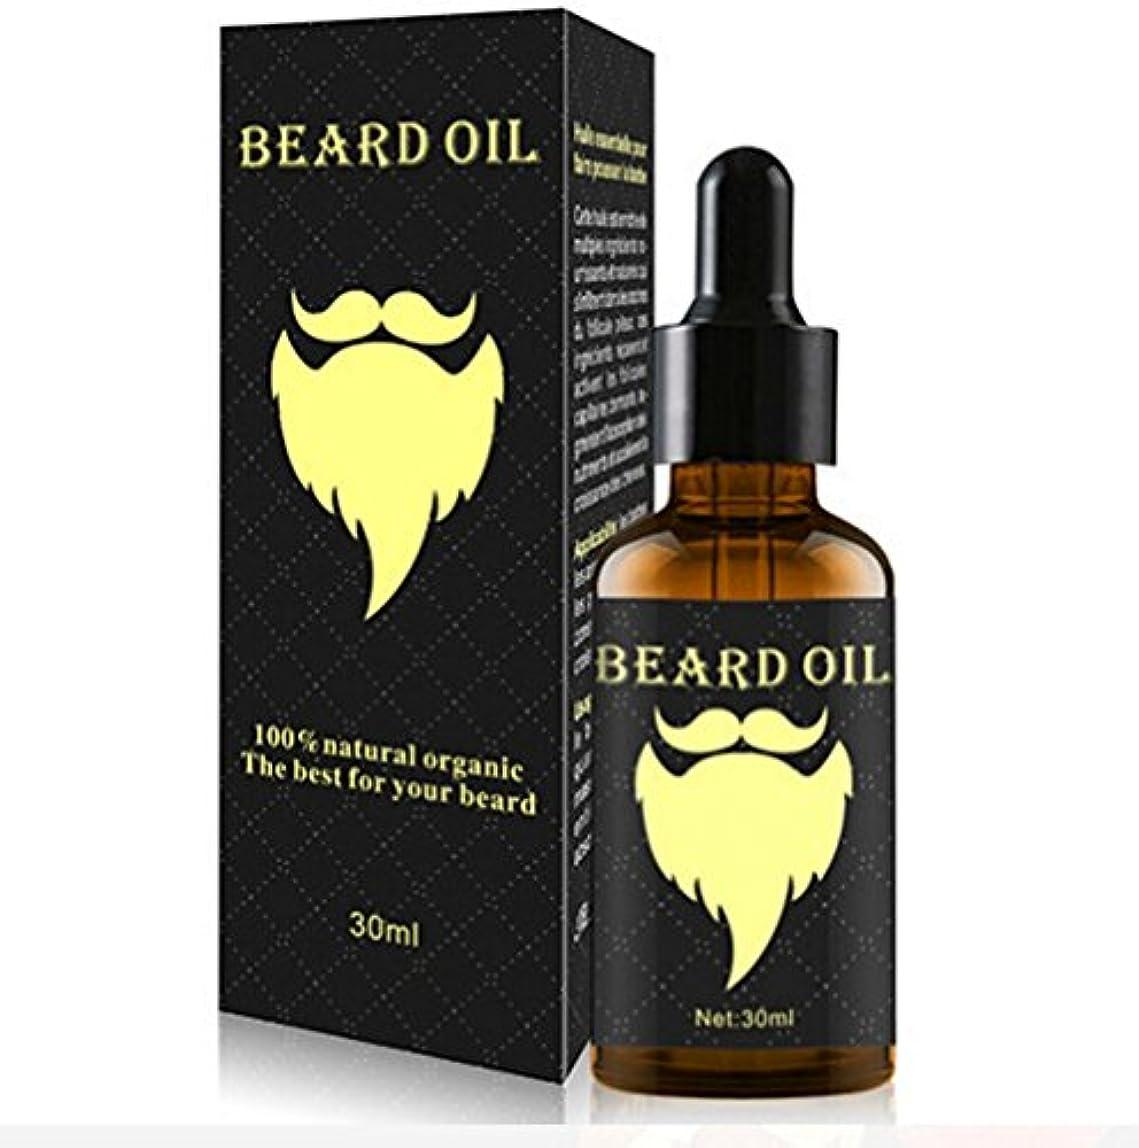 聴くパイント早める男性用30ml 1オンスひげ油ひげ口髭成長エッセンシャルオイルアイブロー毛髪成長用トリートメント液、100%オーガニックナチュラル (gold)